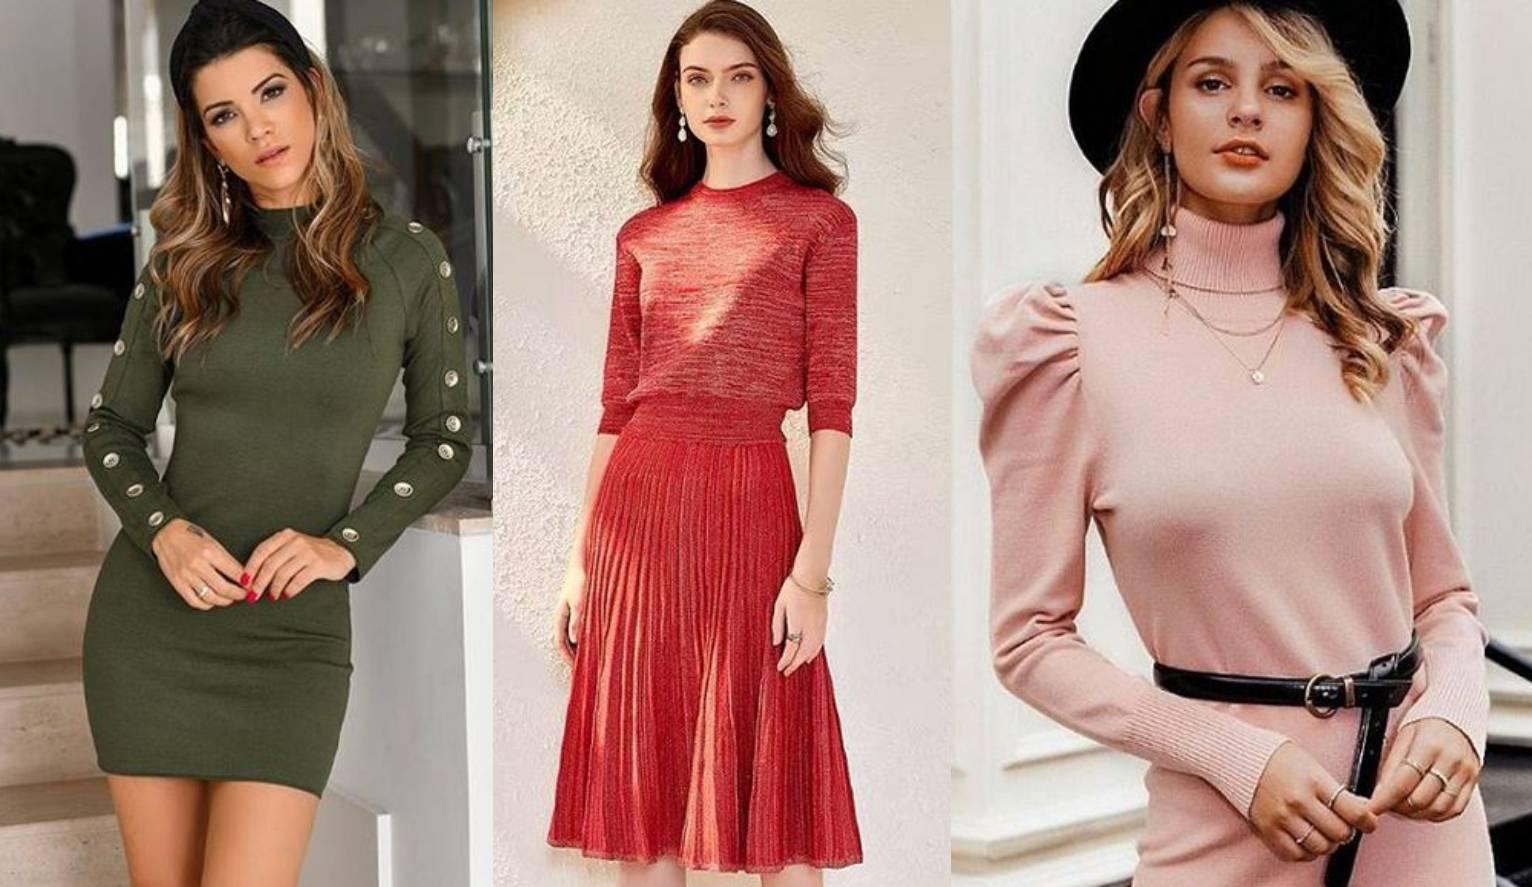 Praktična i udobna: Pletena haljina jedan je od hitova jeseni